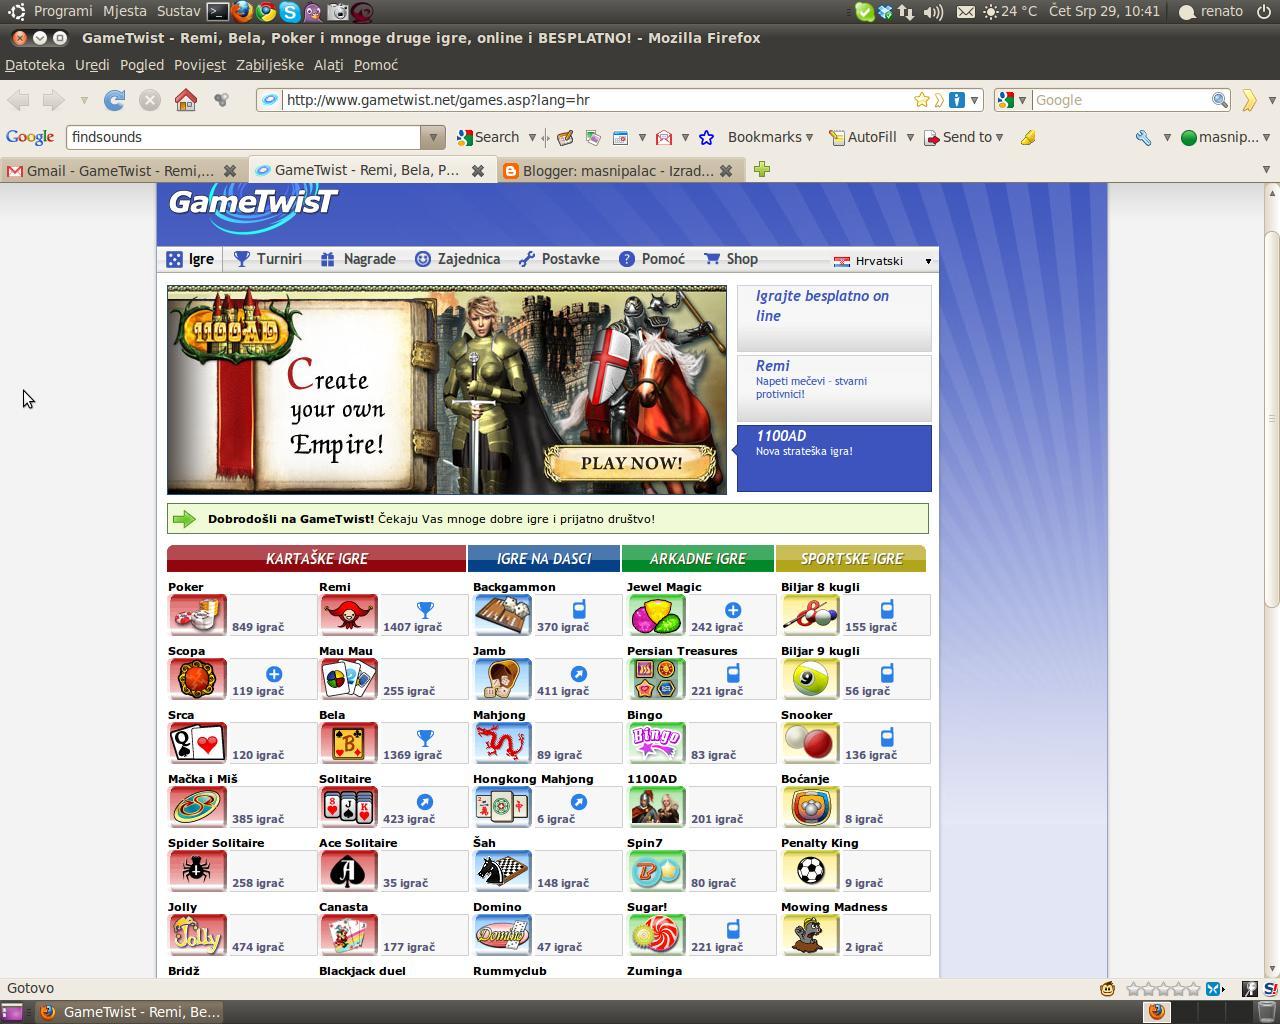 gametwist.net